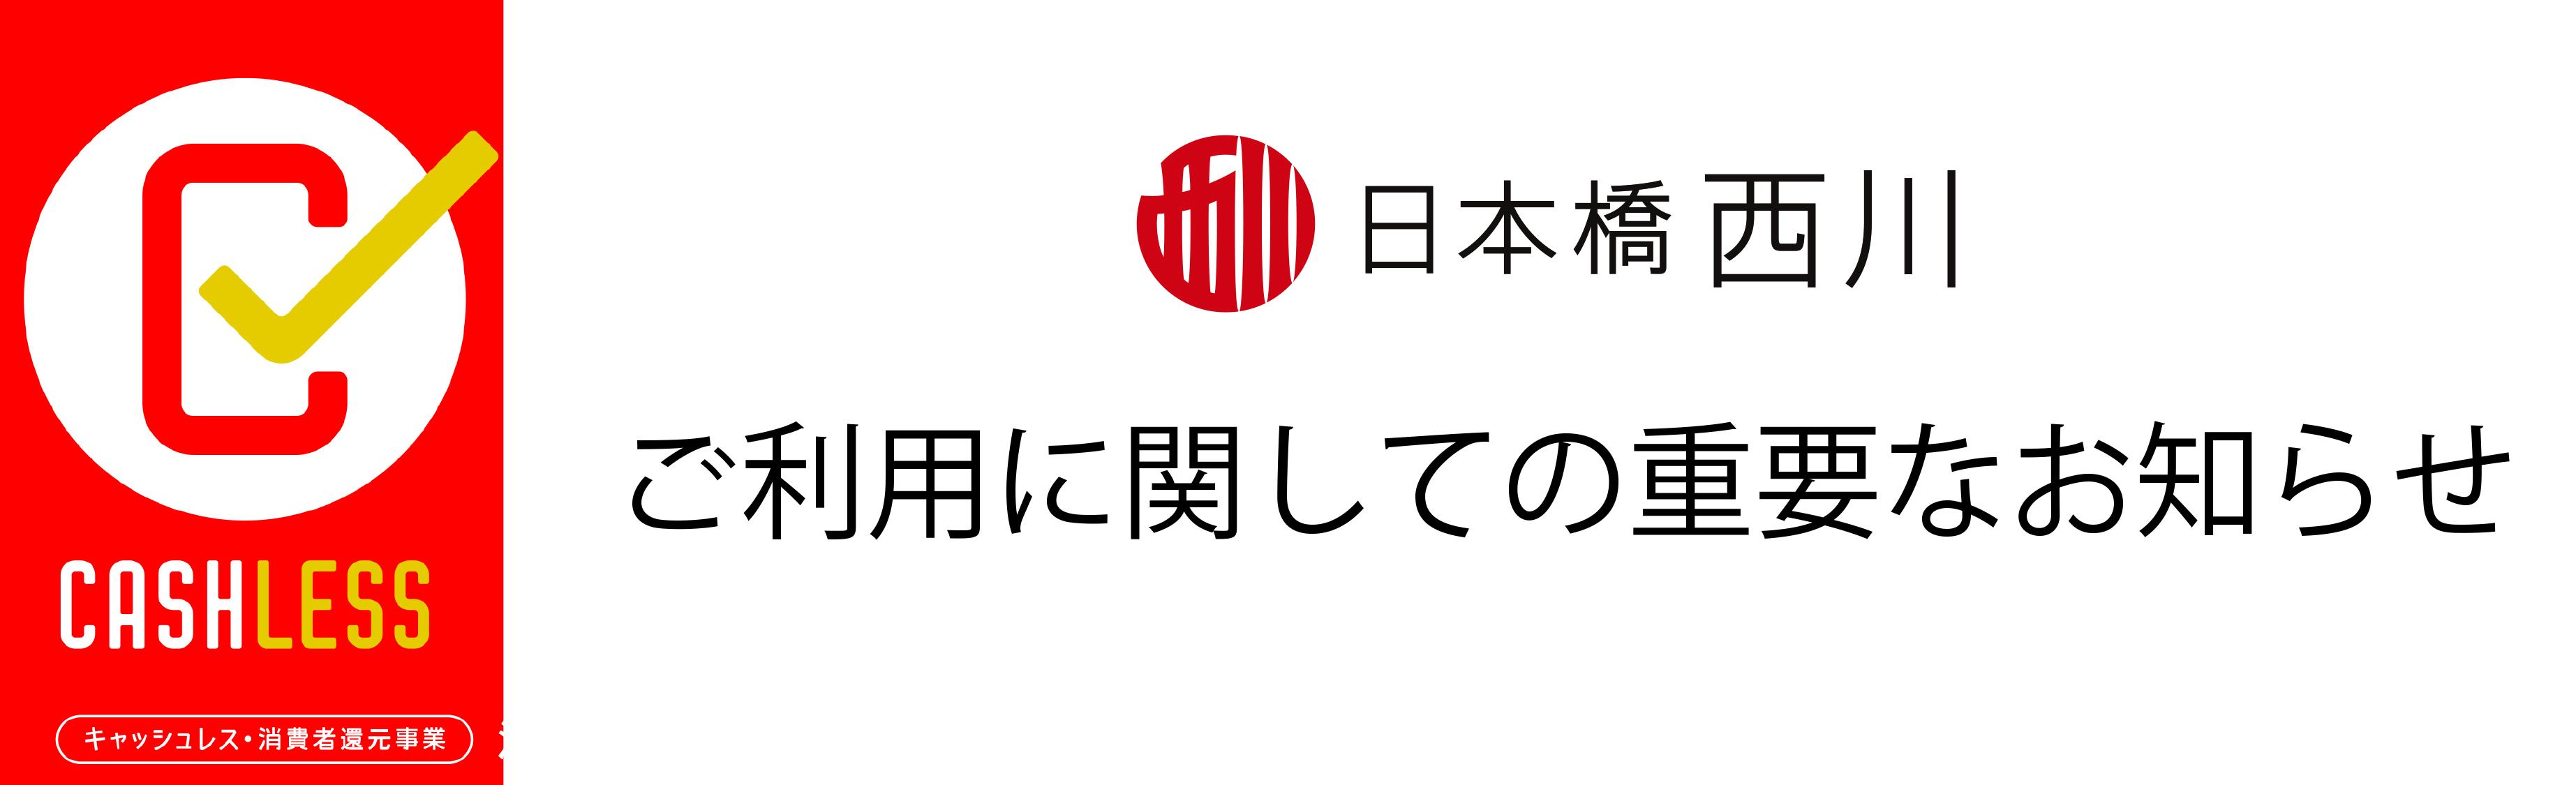 キャッシュレス・ポイント還元事業お知らせバ